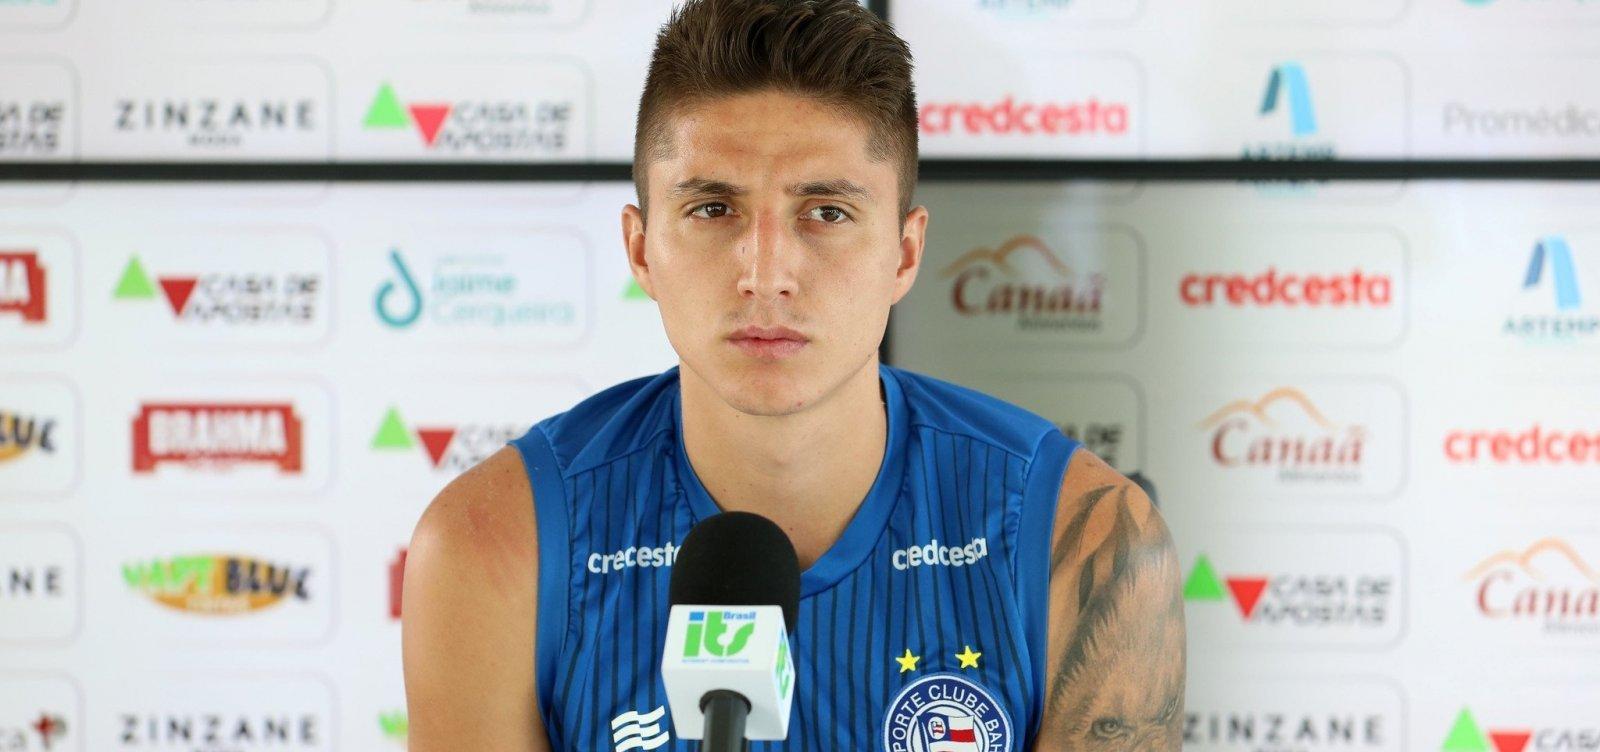 Polícia Civil indicia jogador Ramírez, do Bahia, por injúria racial contra Gerson, do Flamengo